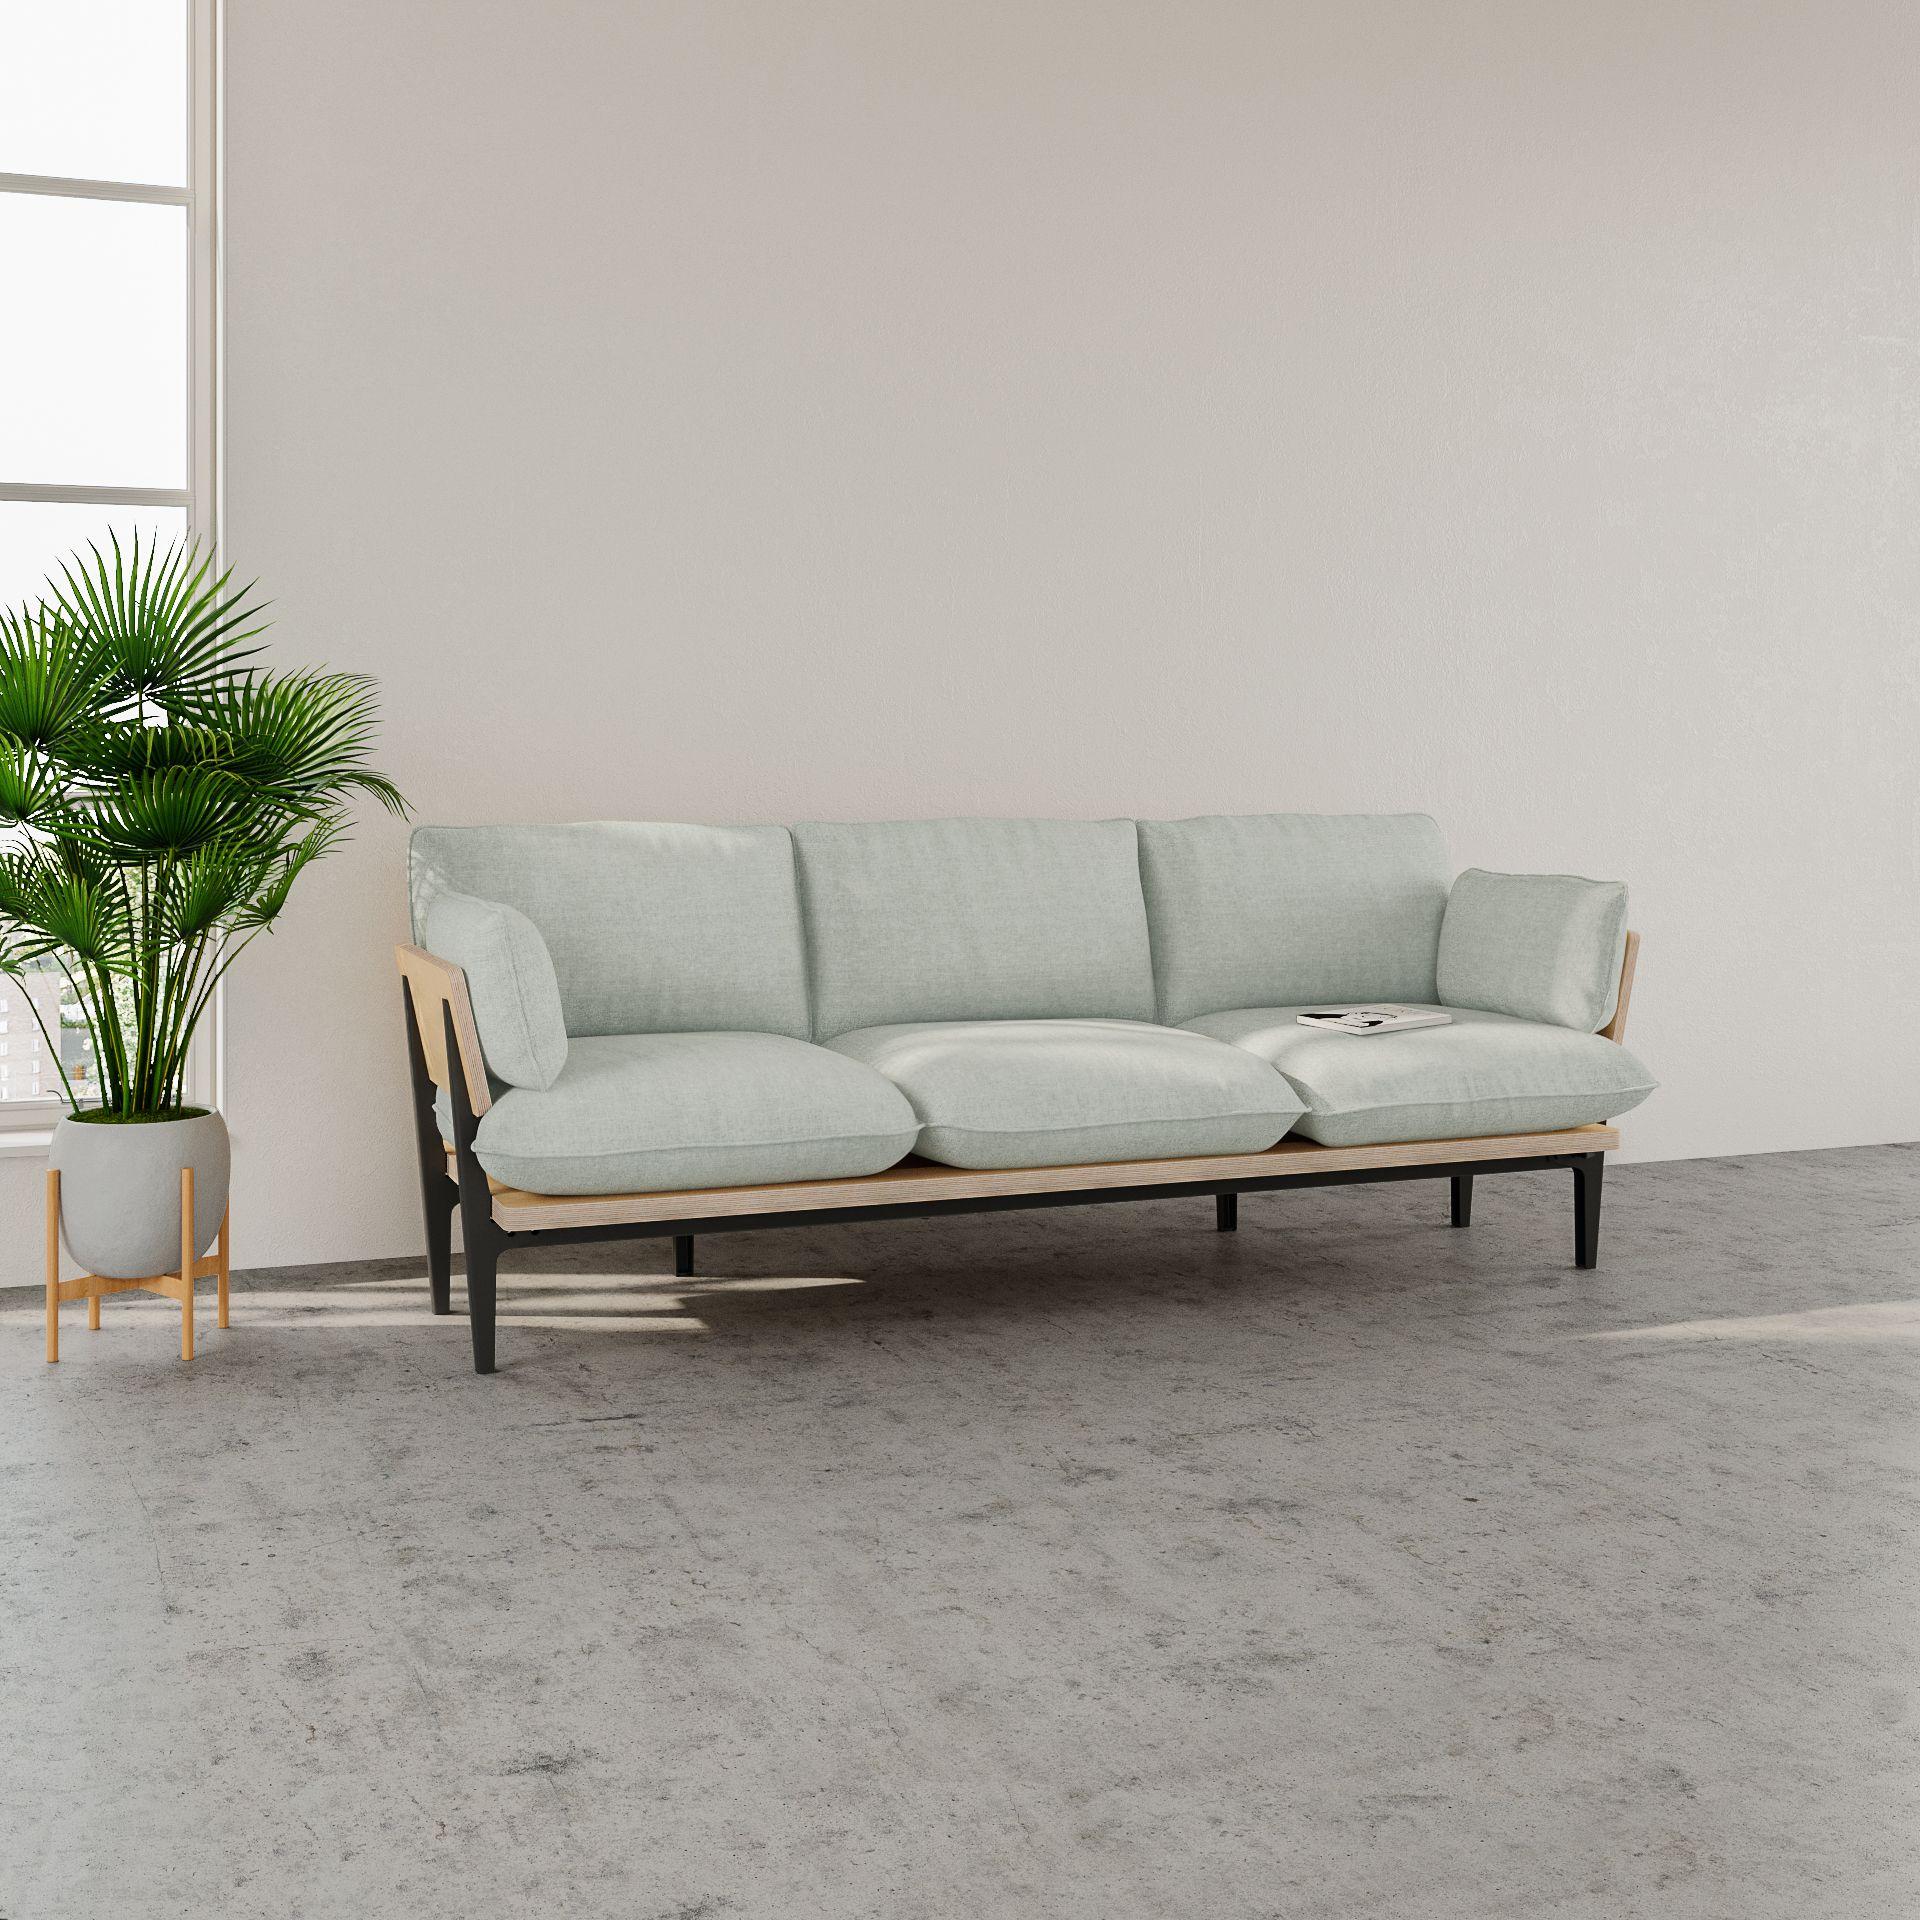 The Sofa Modern Sofa Interior Design Home